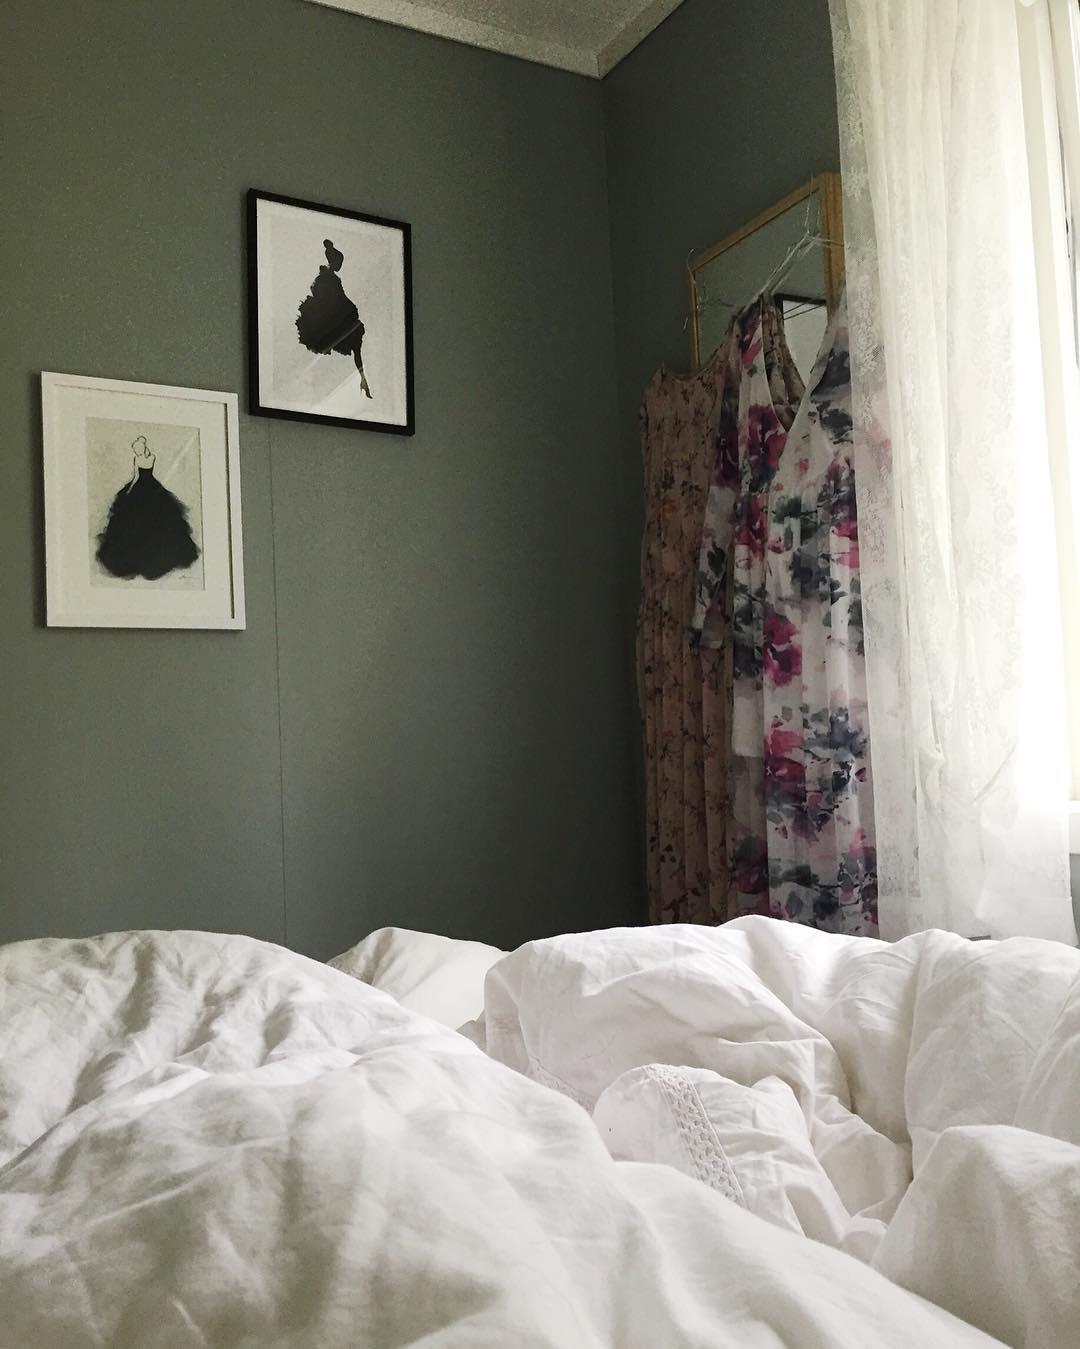 Good morning✨ #tusenogenhatt #tusenogenhattcom #rom123 #boligliv #boligdrøm #boligpluss #interior4all #boligliv_dk #vakrehjemoginteriør #heminredning #kkliving #elledecoration #apartmenttherapy #boliginretning #boligliv #rumrum #bedroom #morning #mornings #morningbliss